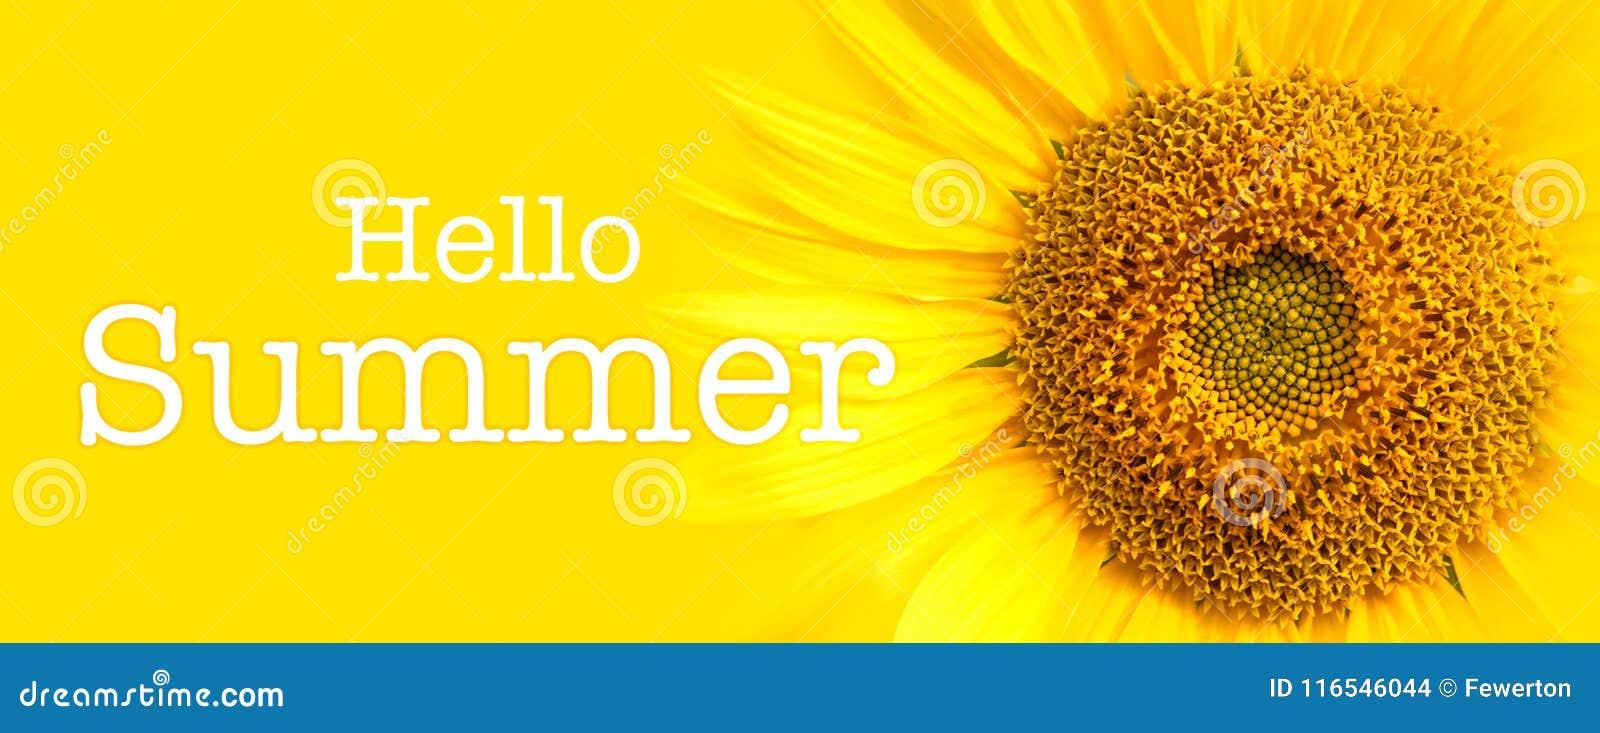 你好夏天文本和向日葵特写镜头细节在黄色横幅背景中